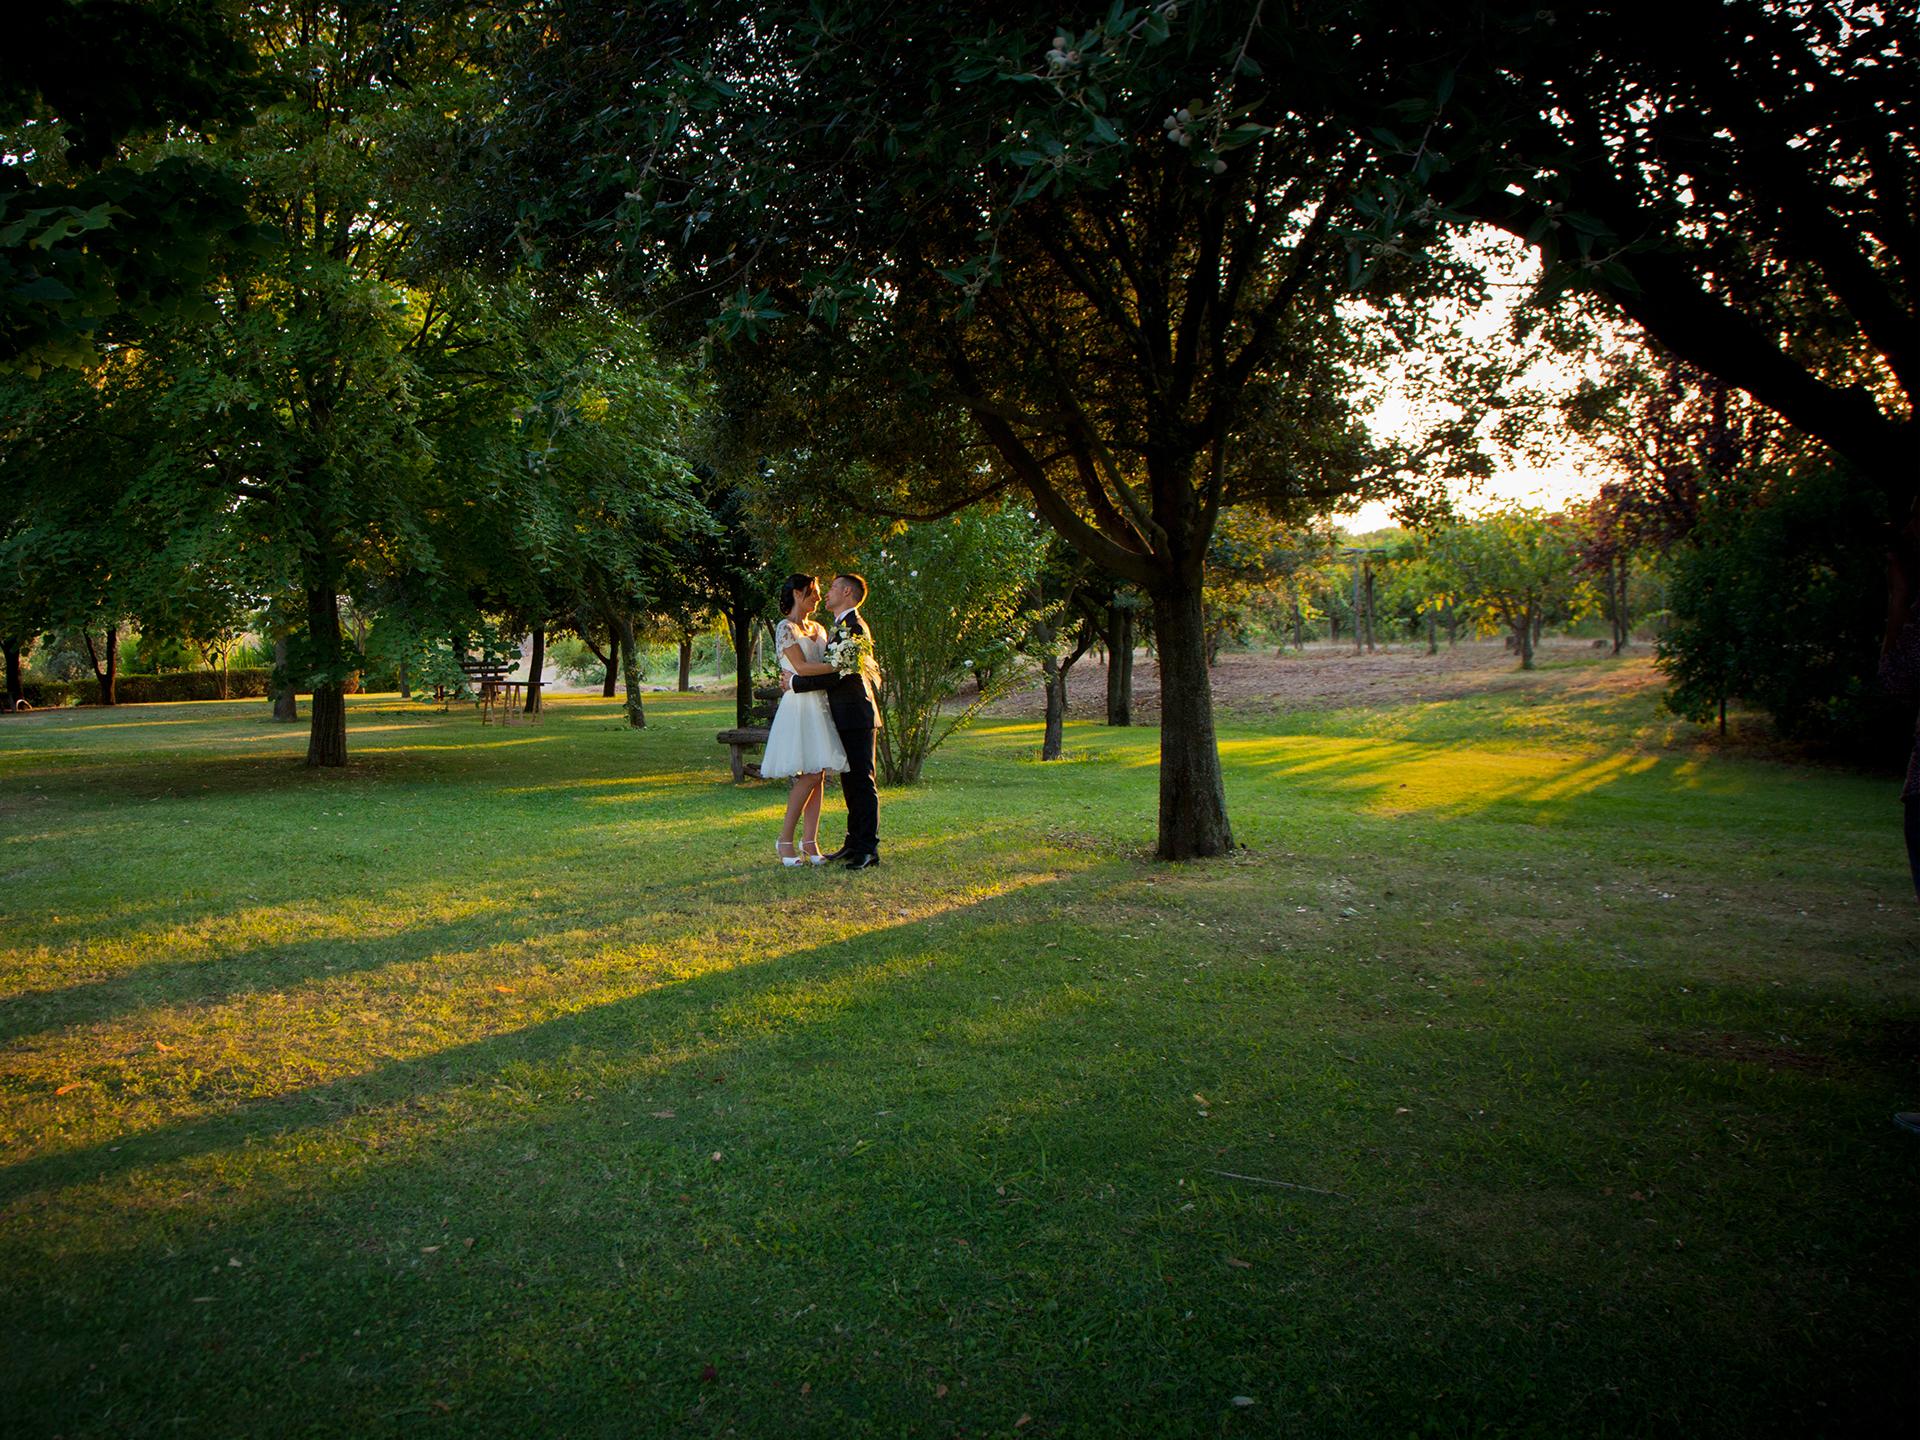 Biagio e Stafania le Fotografie del loro Matrimonio in Val D'Agri fatte da Vito D'Andrea, fotografo di matrimoni e cerimonie in Basilicata, Potenza